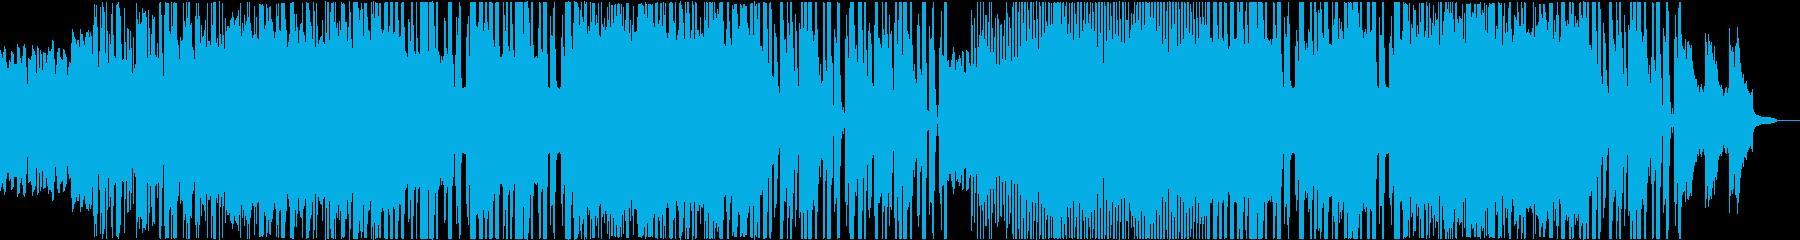 荘厳で難解なゲームミュージックの再生済みの波形